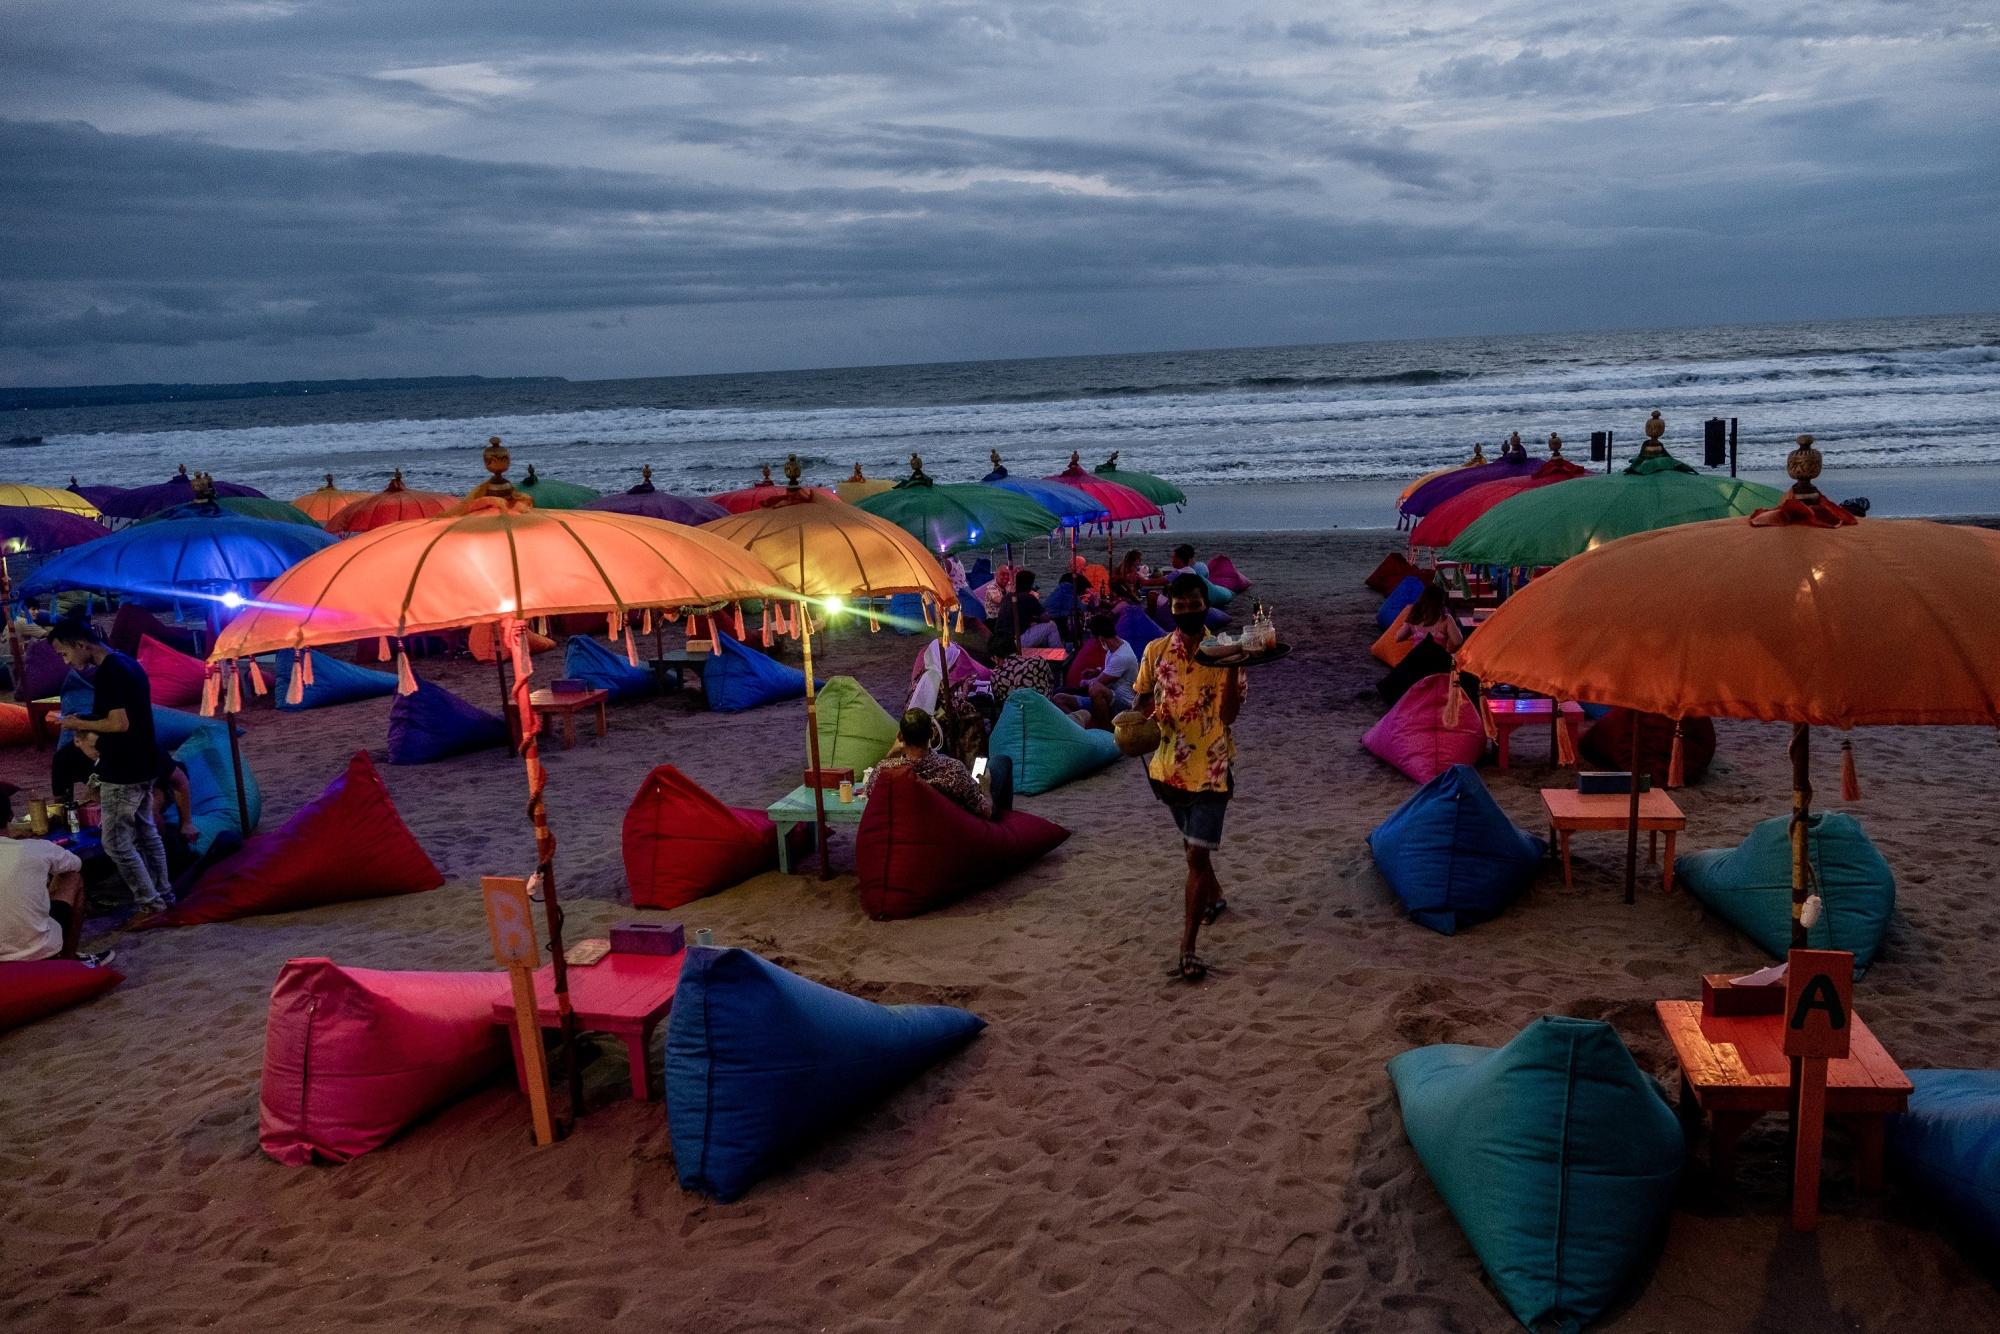 Đảo Bali, Indonesia - Ảnh: Agung Parameswara/Getty Images